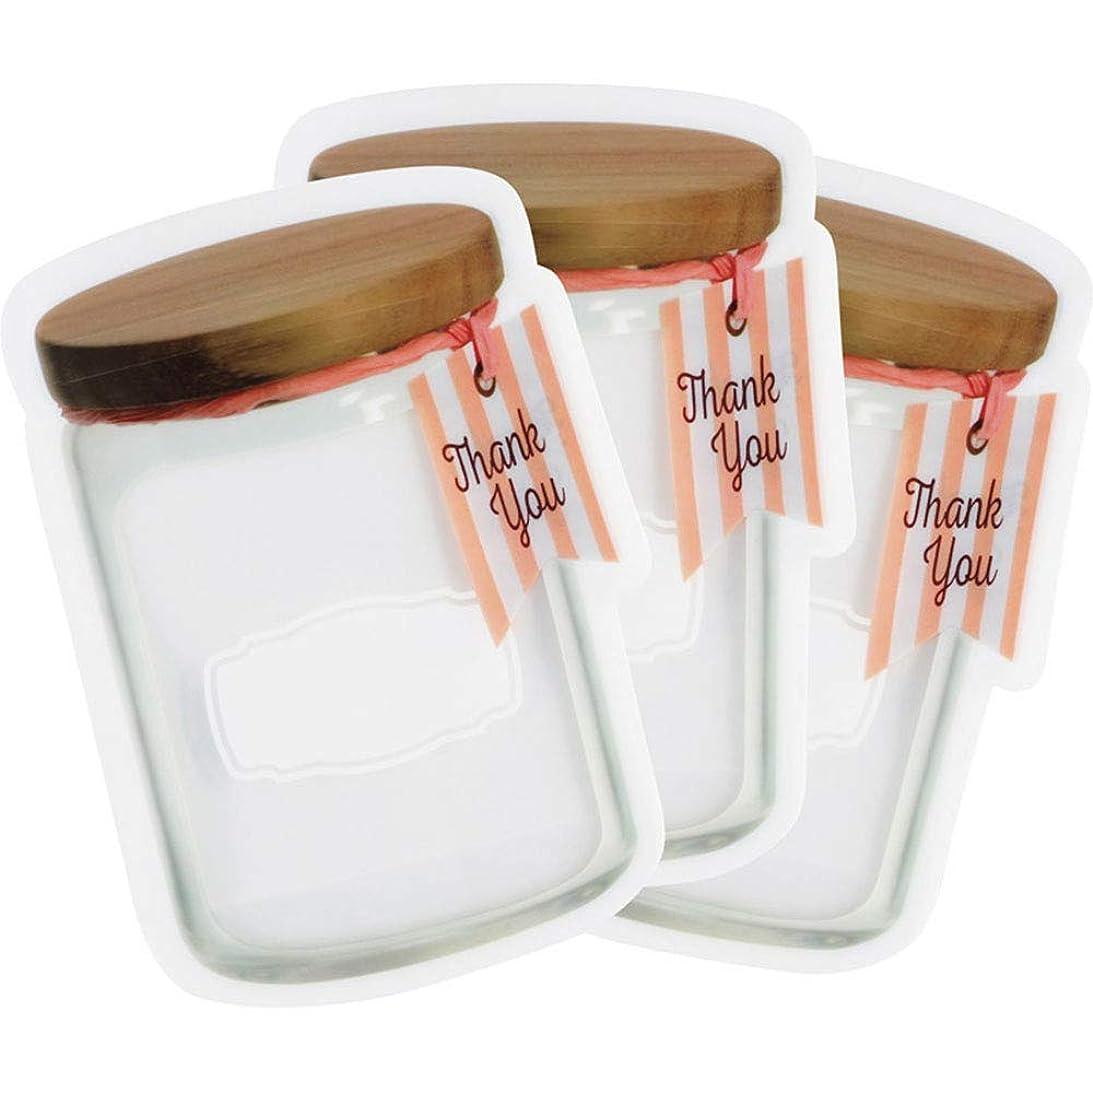 ブランチ無視する満足させるキッチン雑貨 キャニスタージッパーバッグ(S3枚セット)